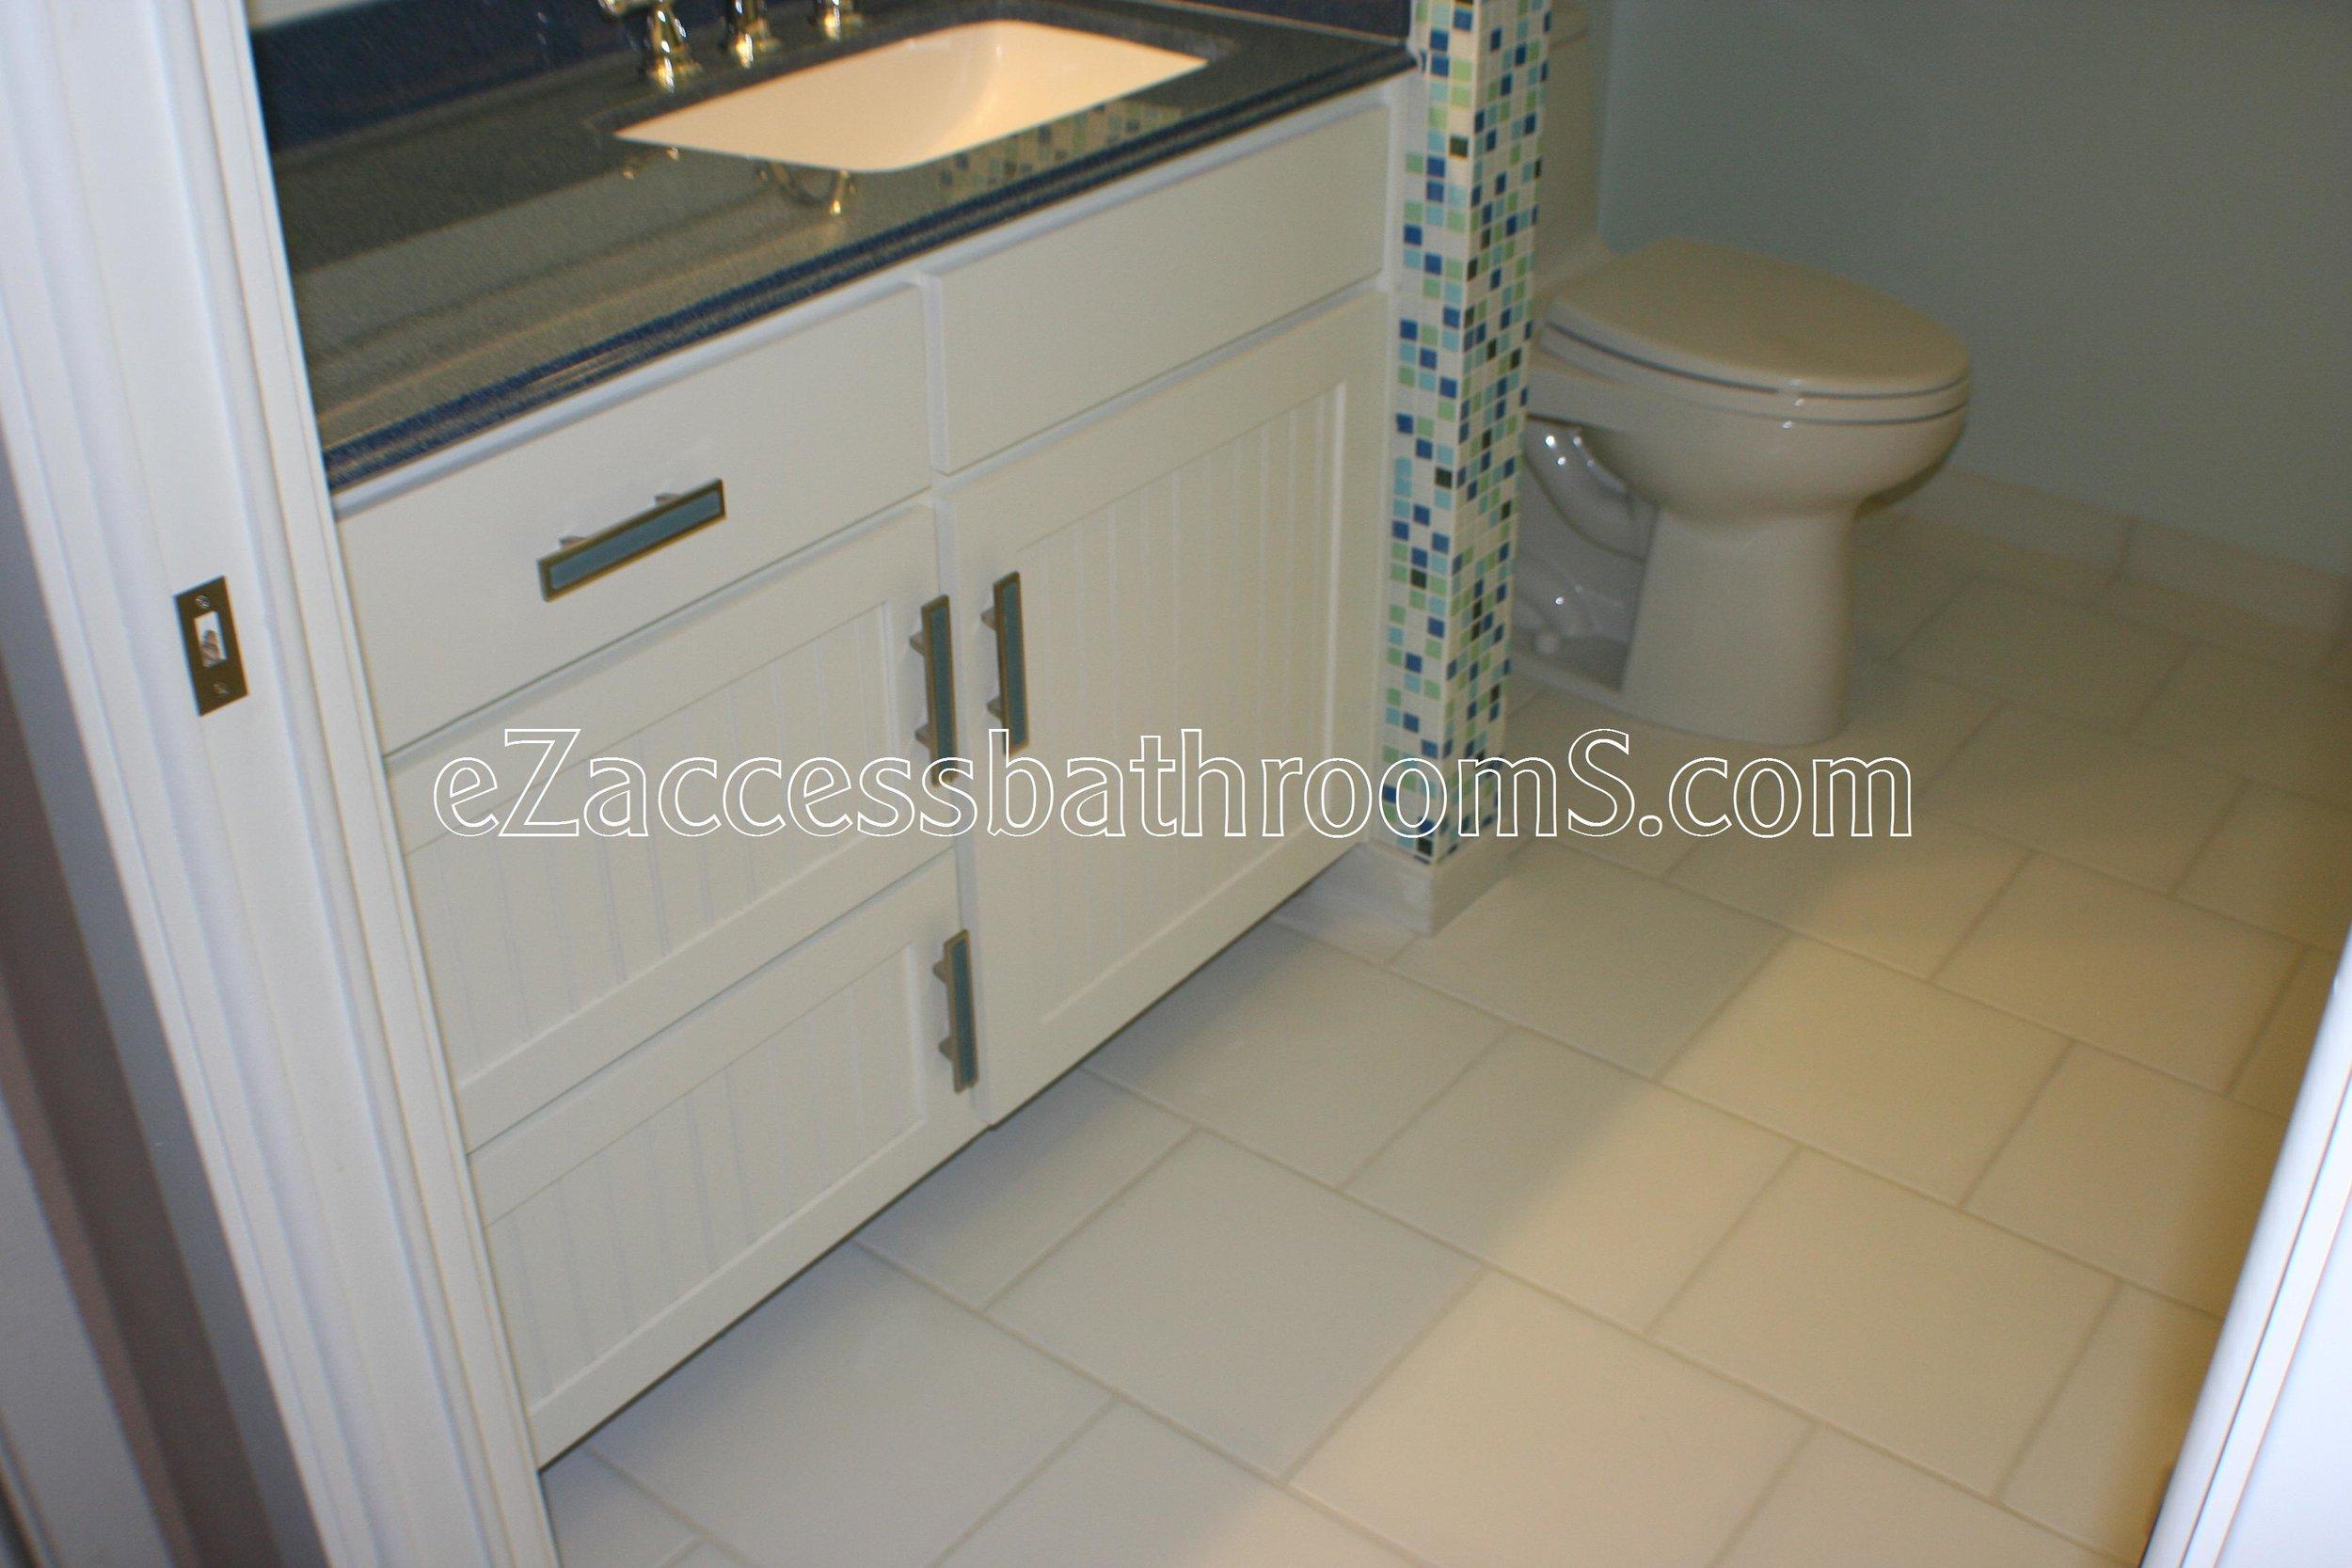 rollin shower ezaccessbathrooms.com 0027.JPG